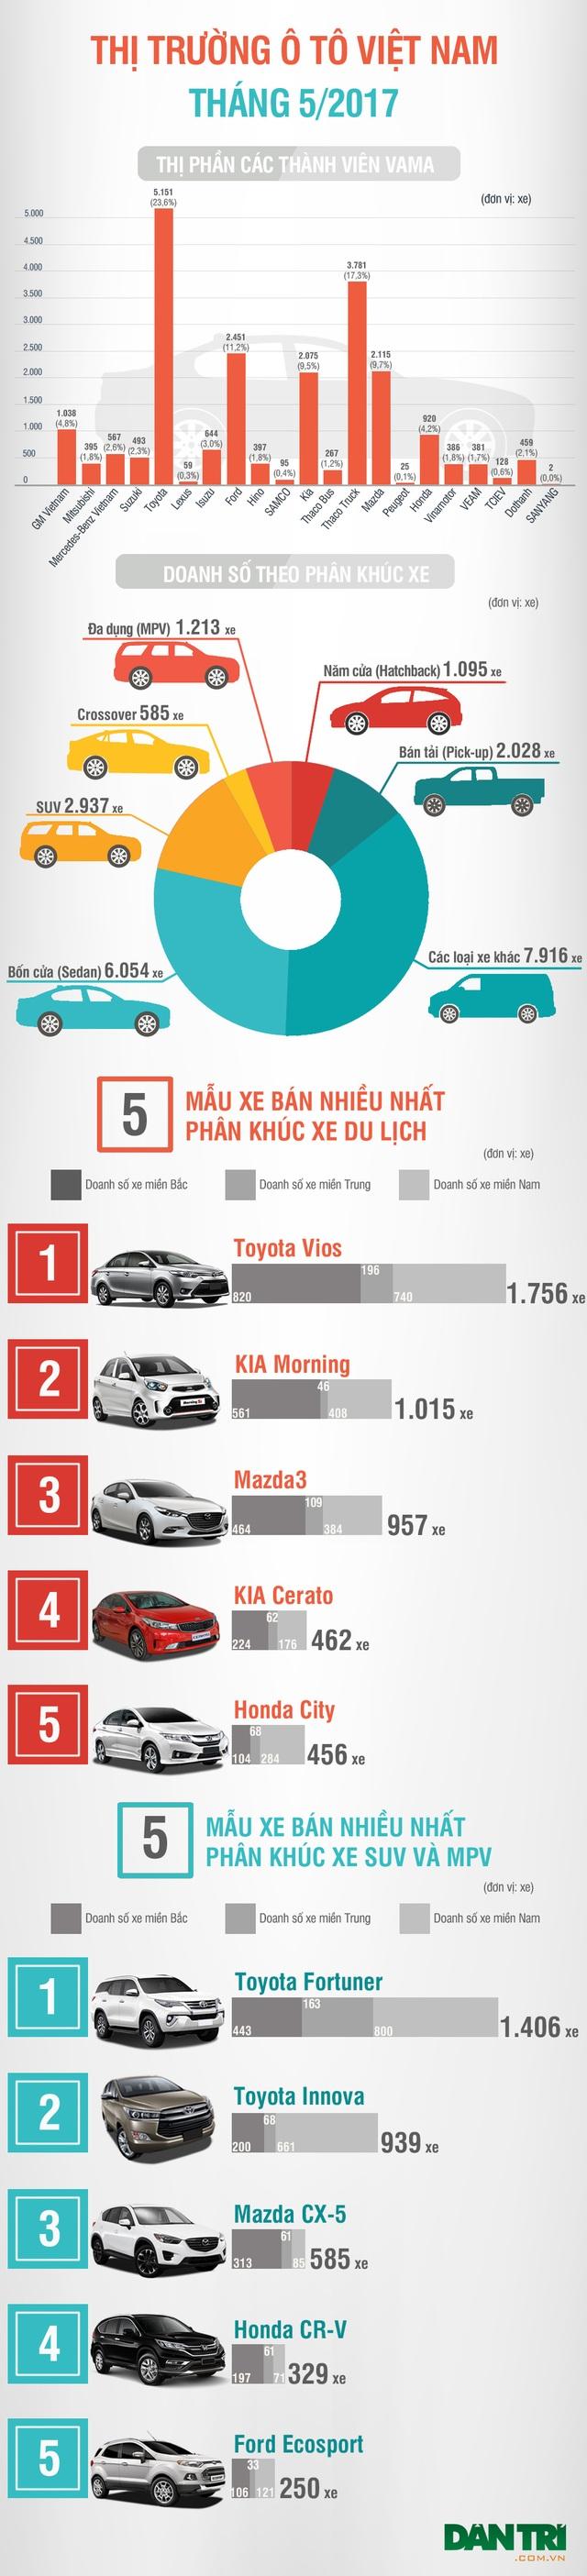 Giảm giá liên tục, Mazda có bán nhiều hơn Toyota? - 1